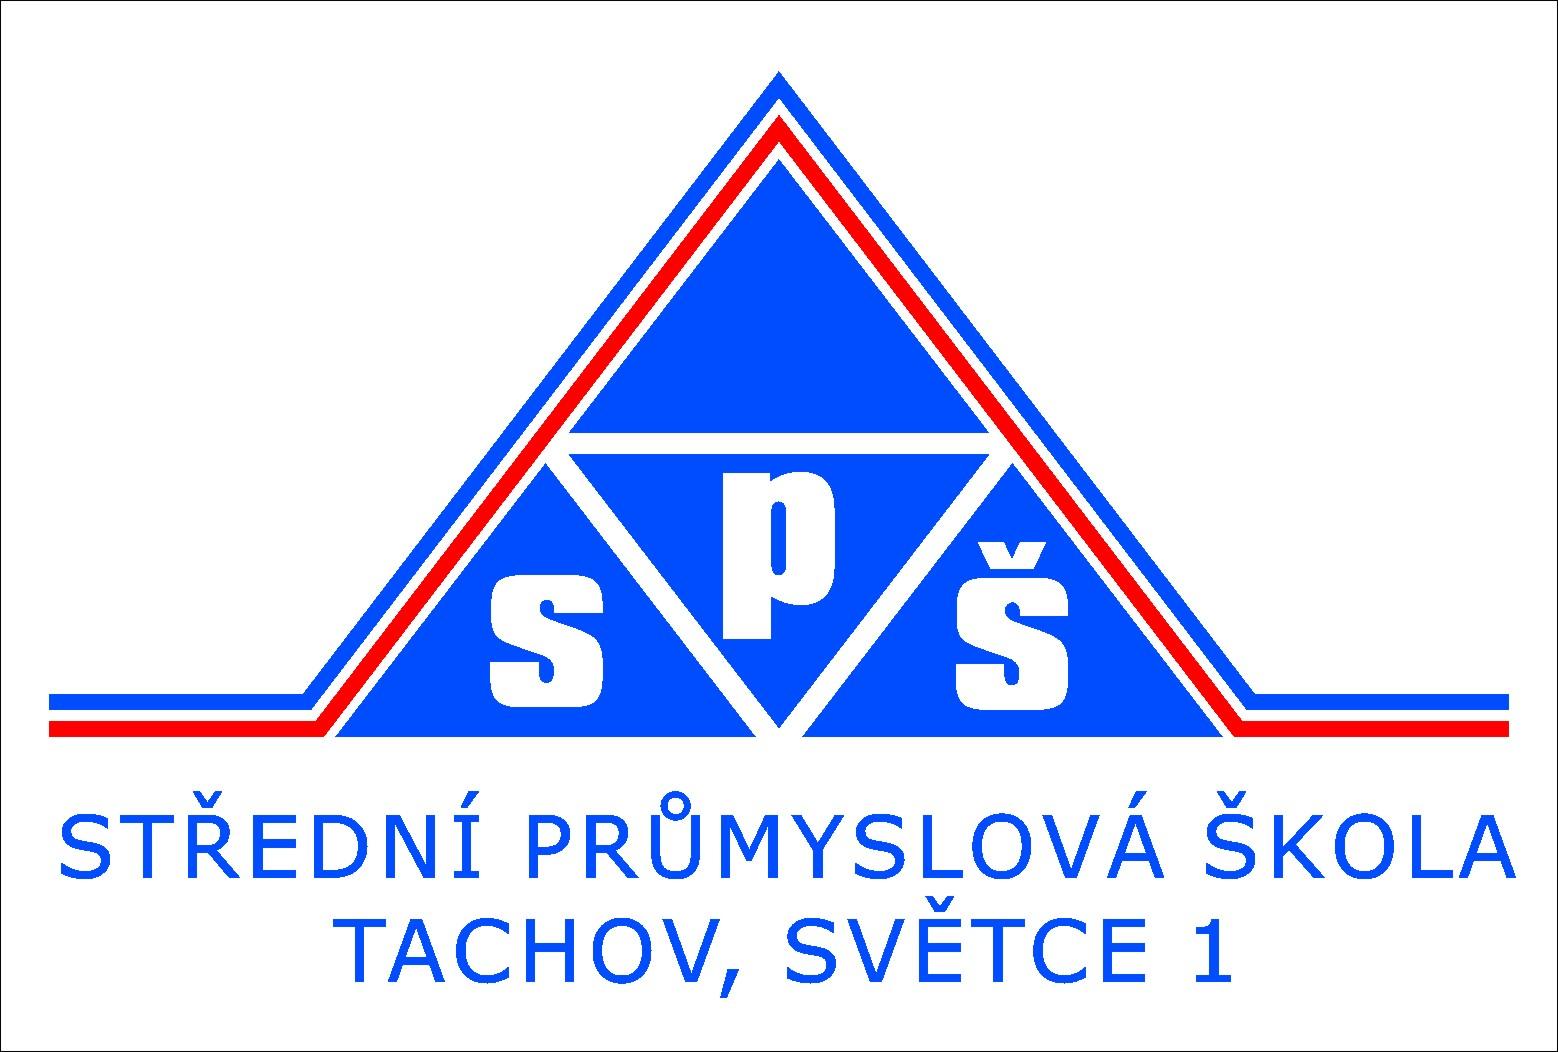 Střední průmyslová škola, Tachov, Světce 1 logo